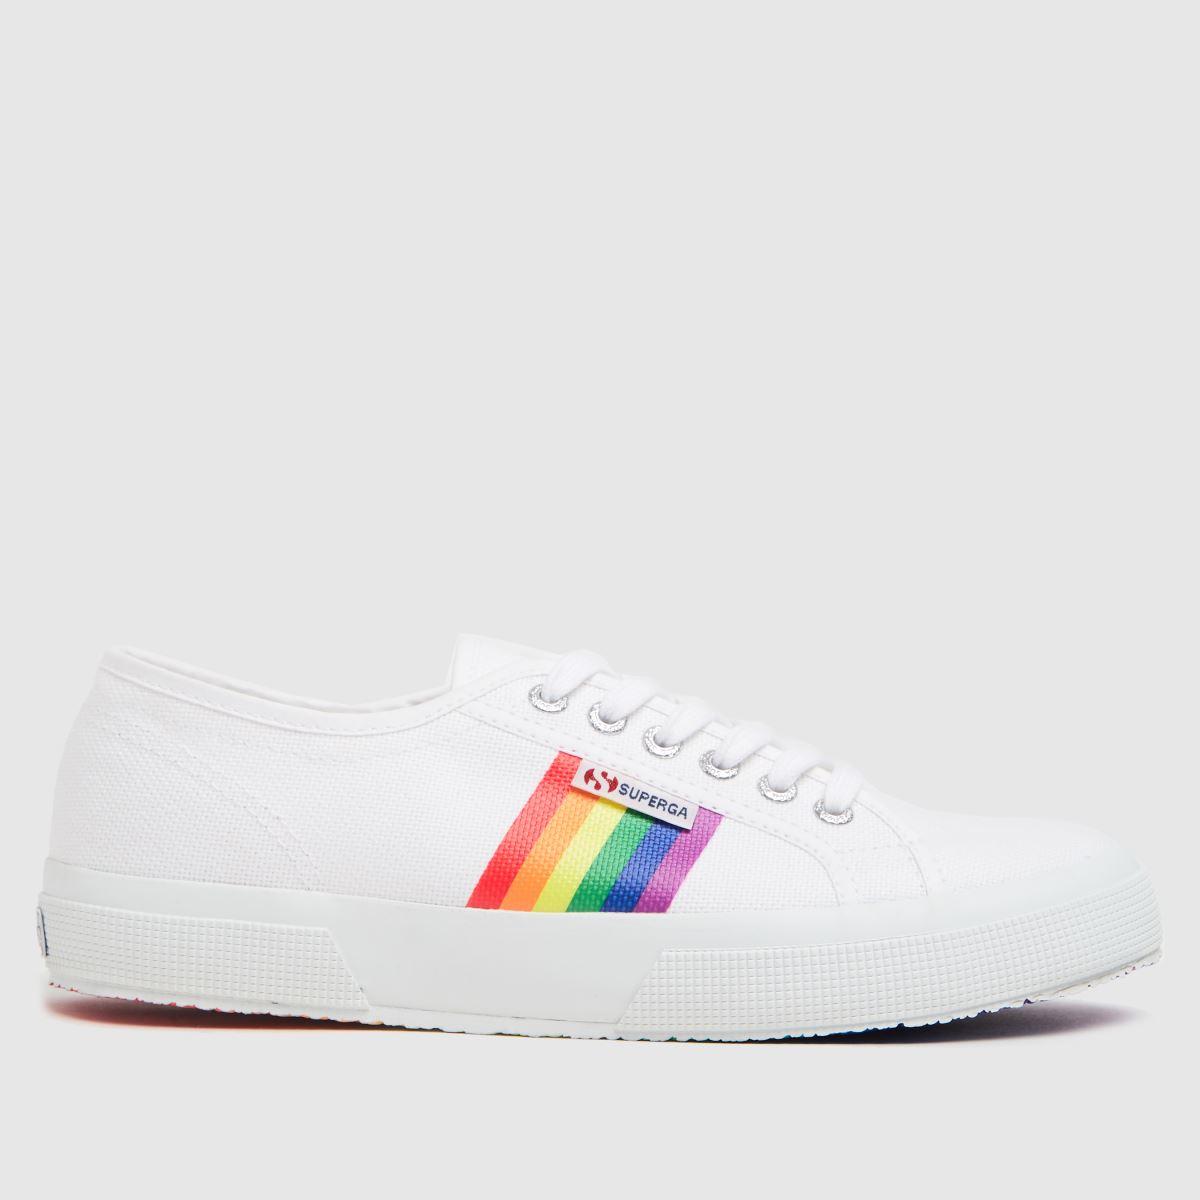 Superga White 2750 Pride Outsole Trainers